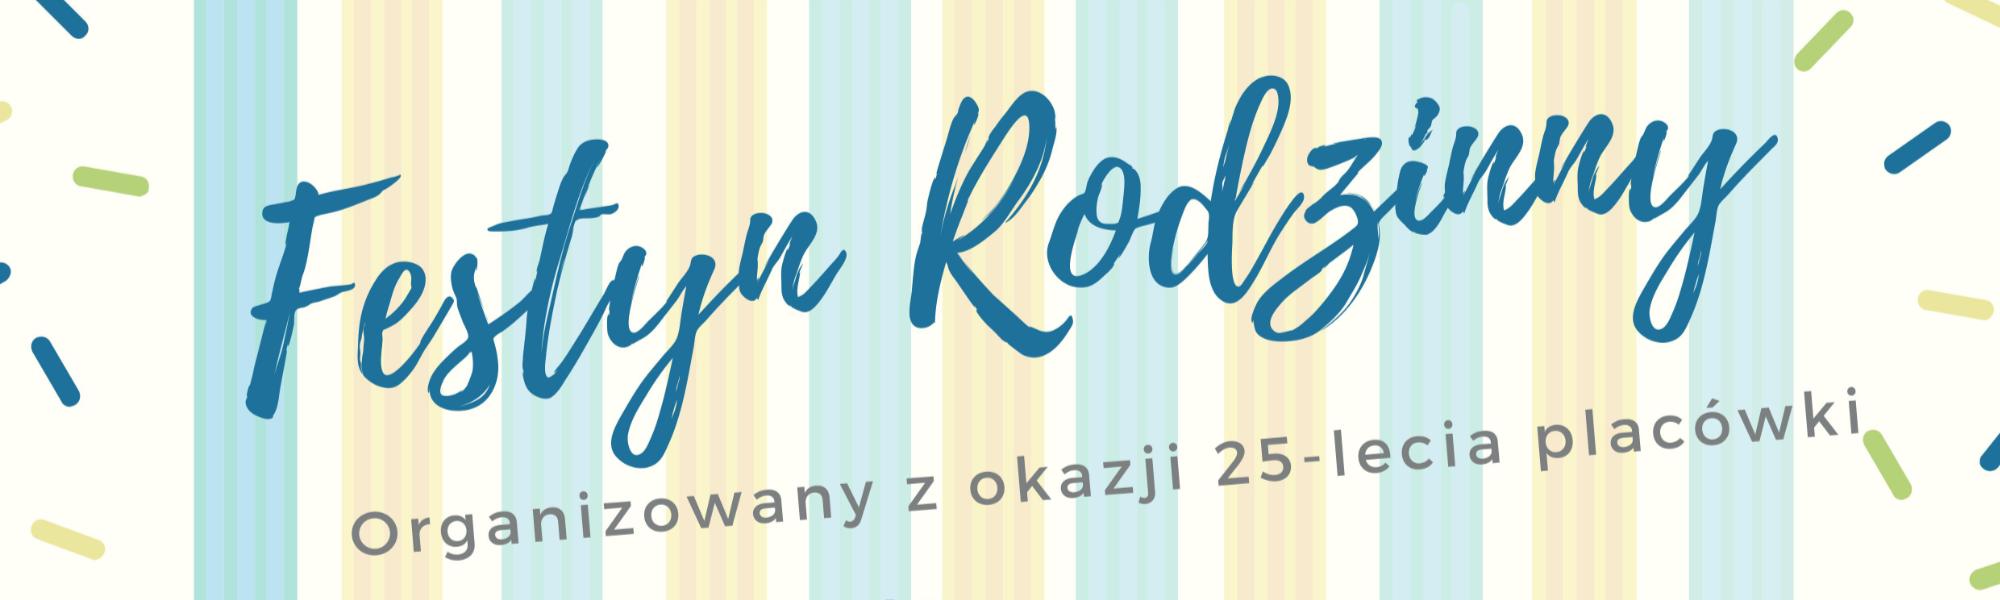 Festyn Rodzinny z okazji 25-lecia przedszkola